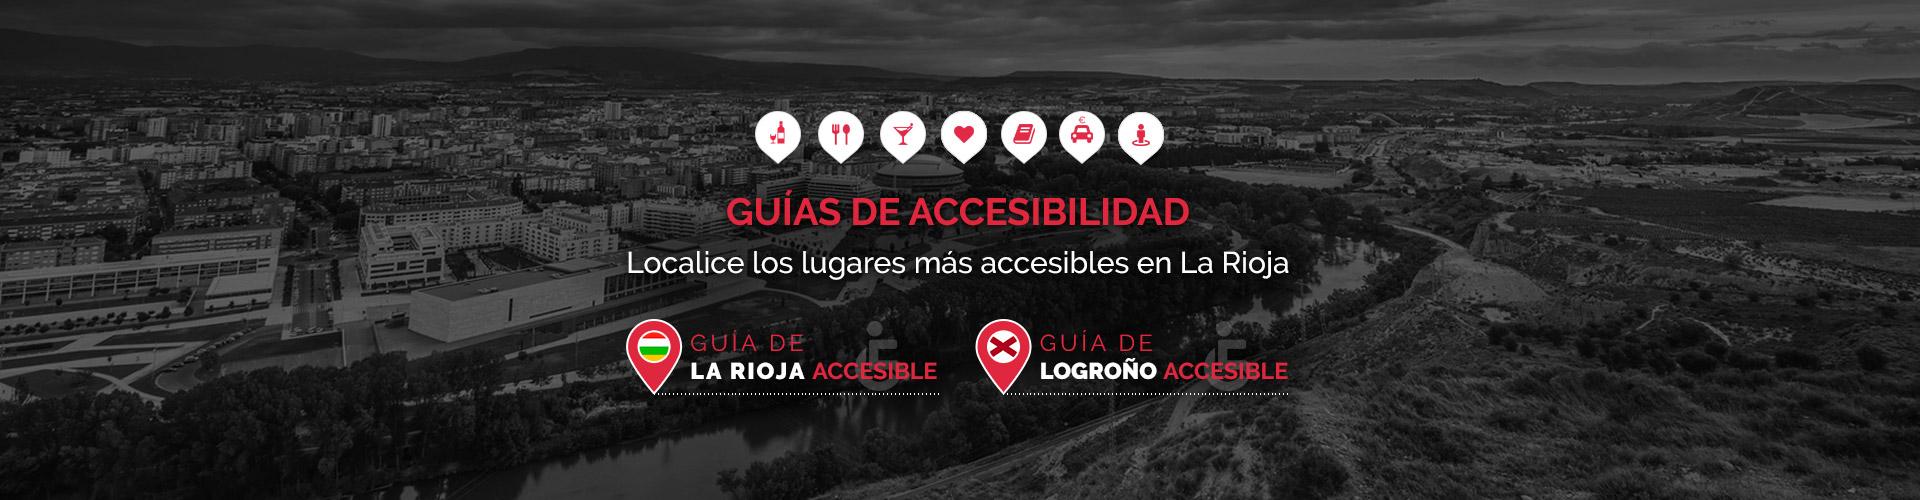 Guías de accesibilidad de Logroño y La Rioja